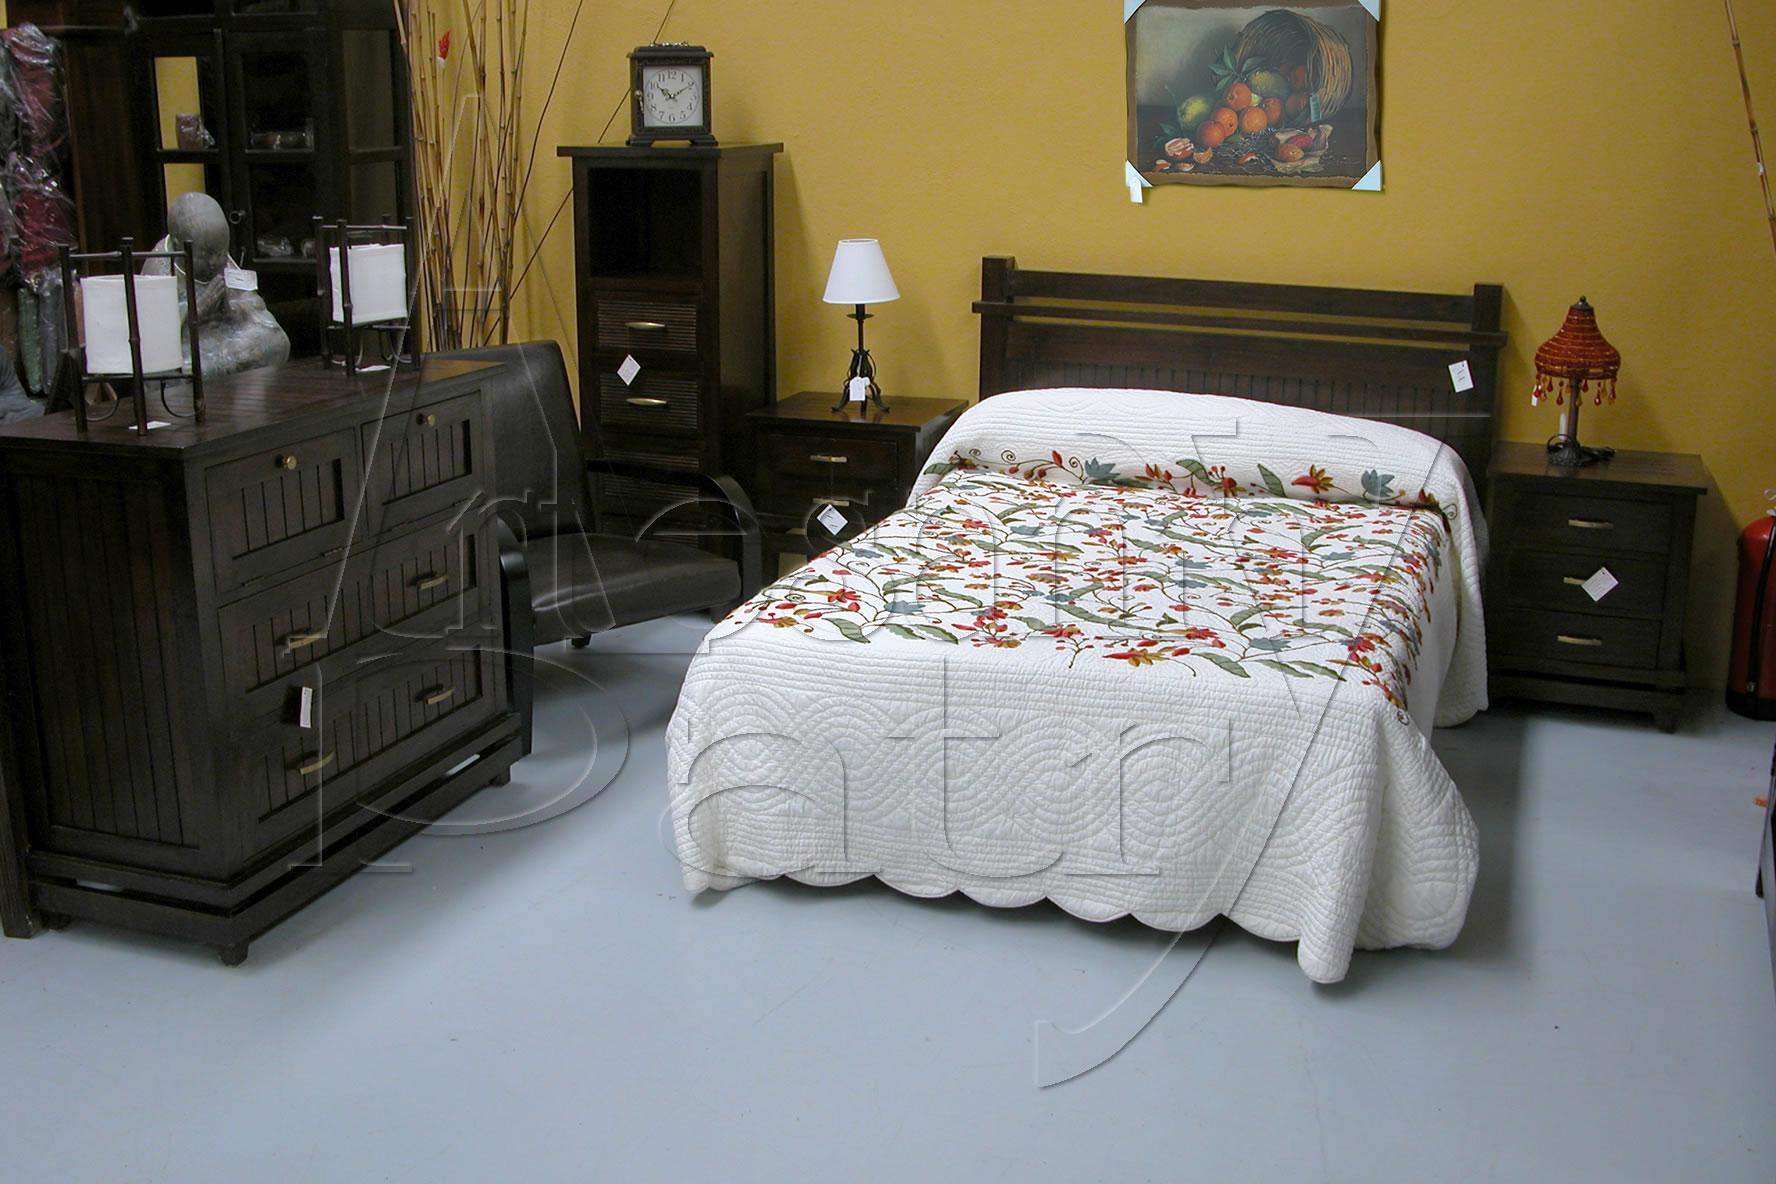 Matrimonio ~ El Mueble Decoracion Dormitorios